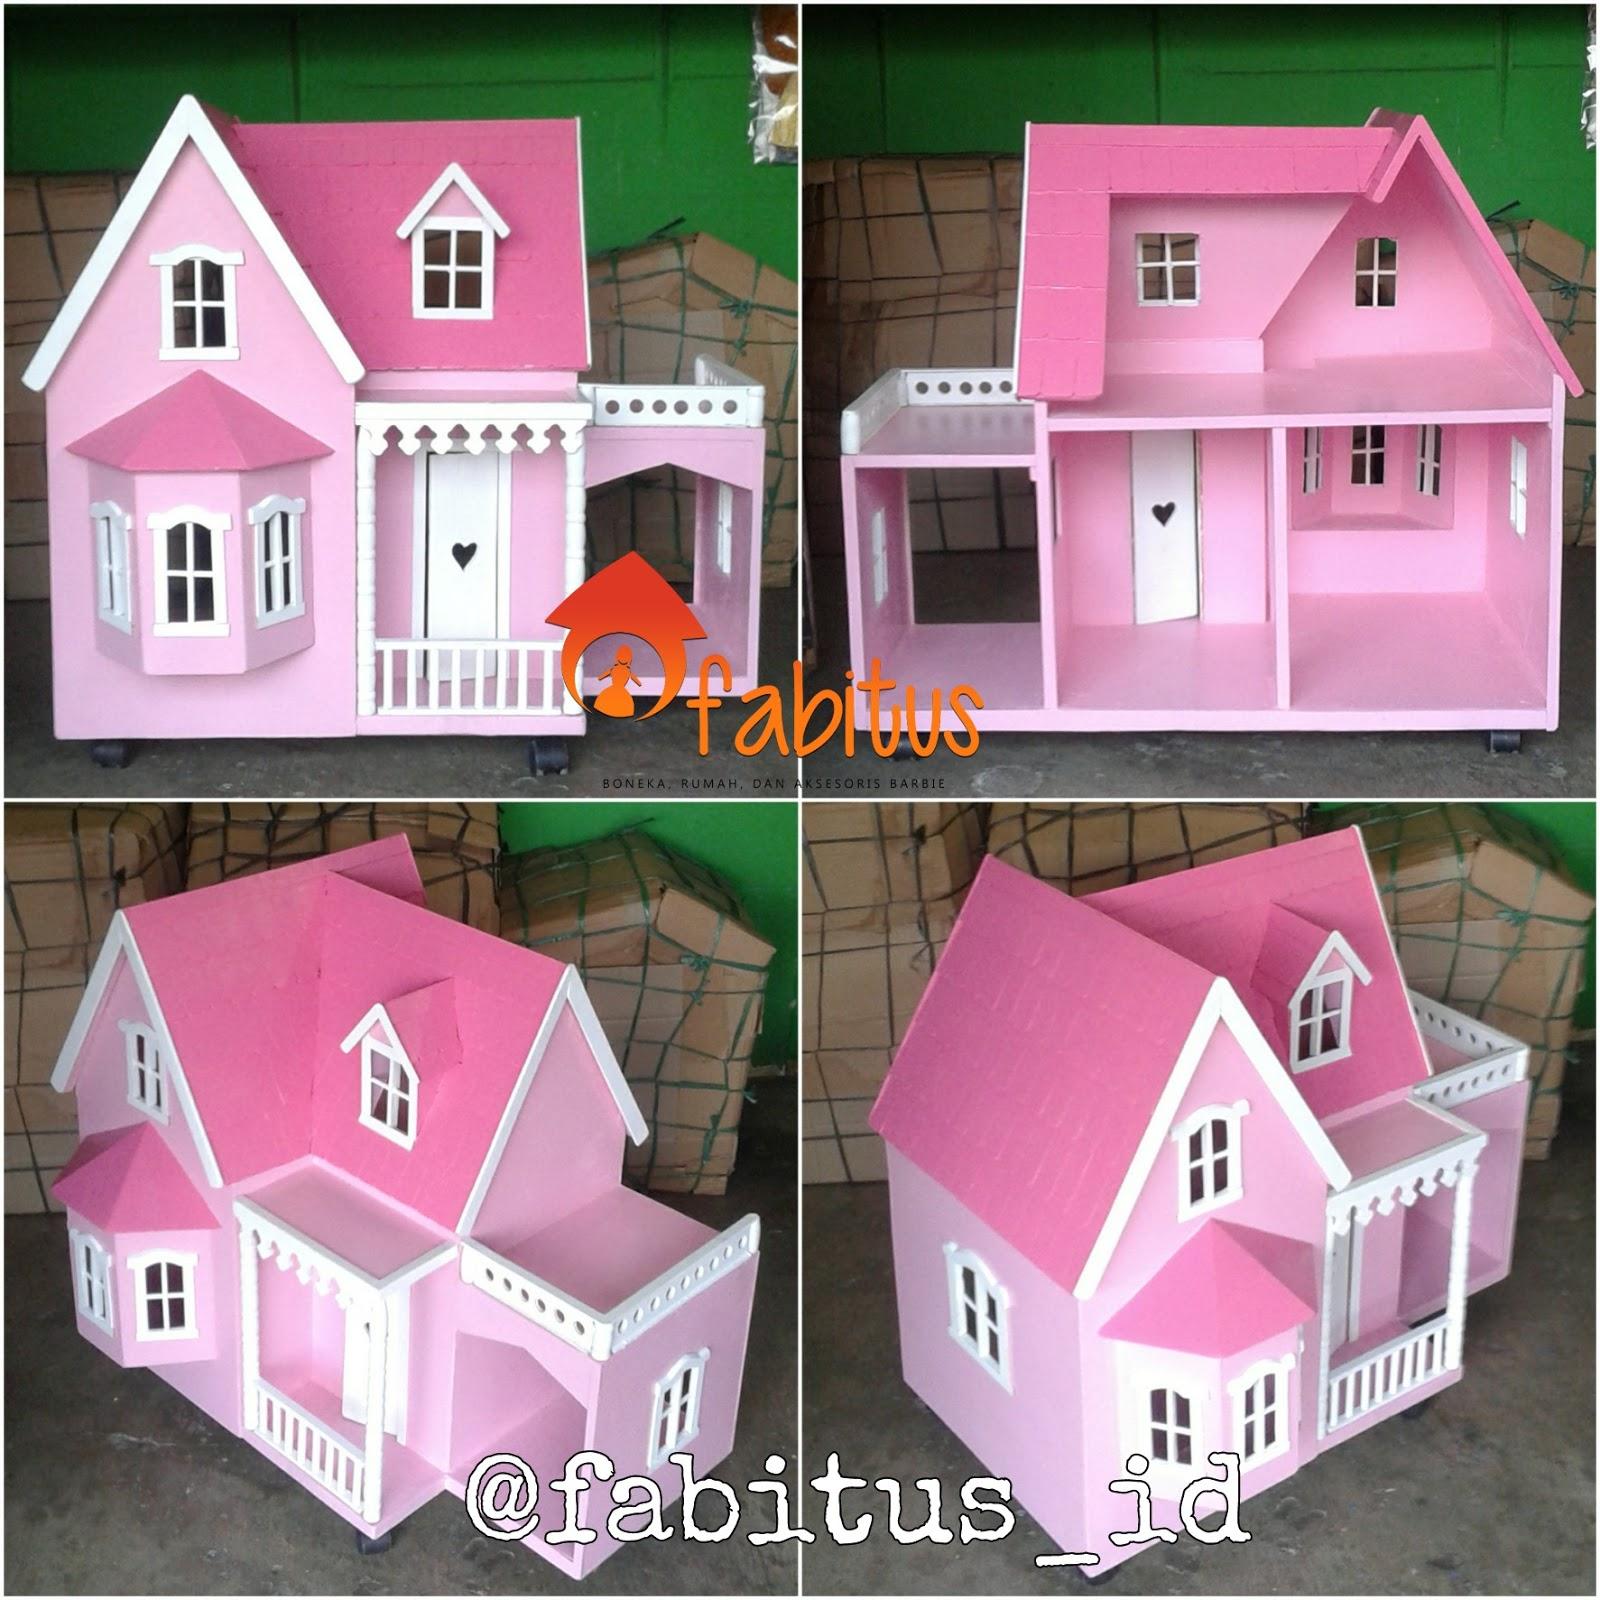 Rumah Boneka Barbie Villa Garasi Pink bd8933bfd5